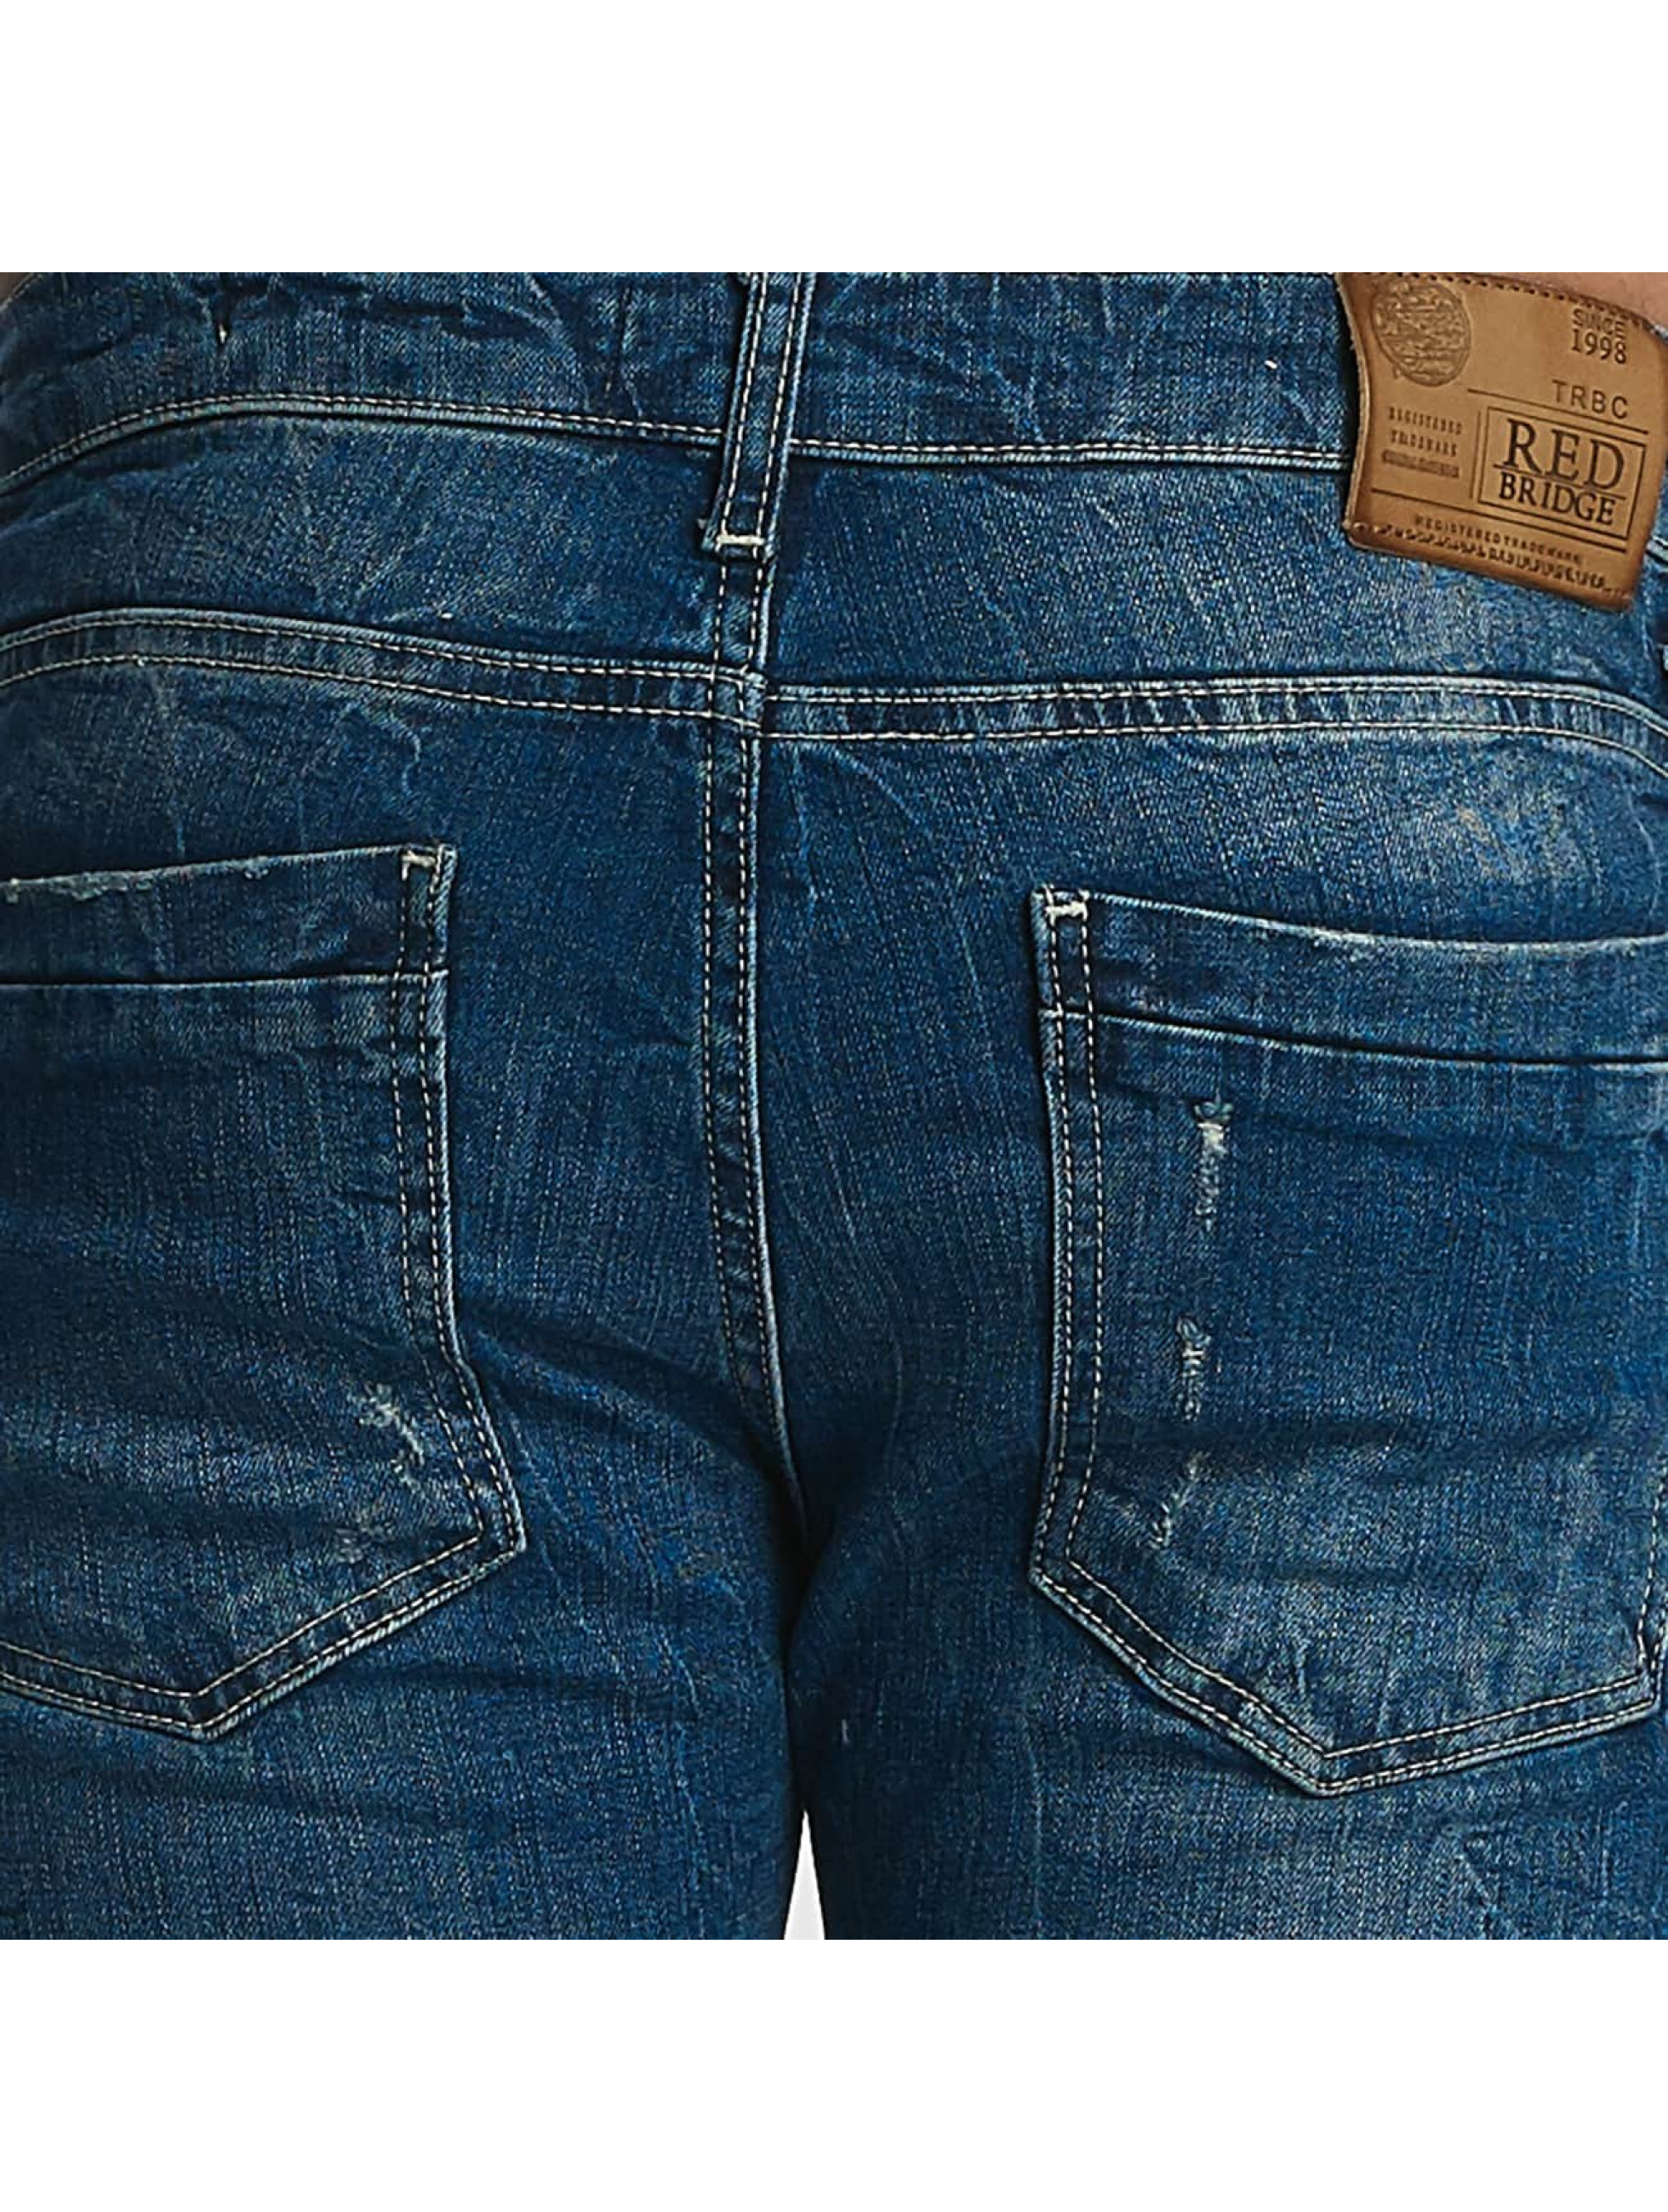 Red Bridge Jeans ajustado Inside Out Destroyed azul